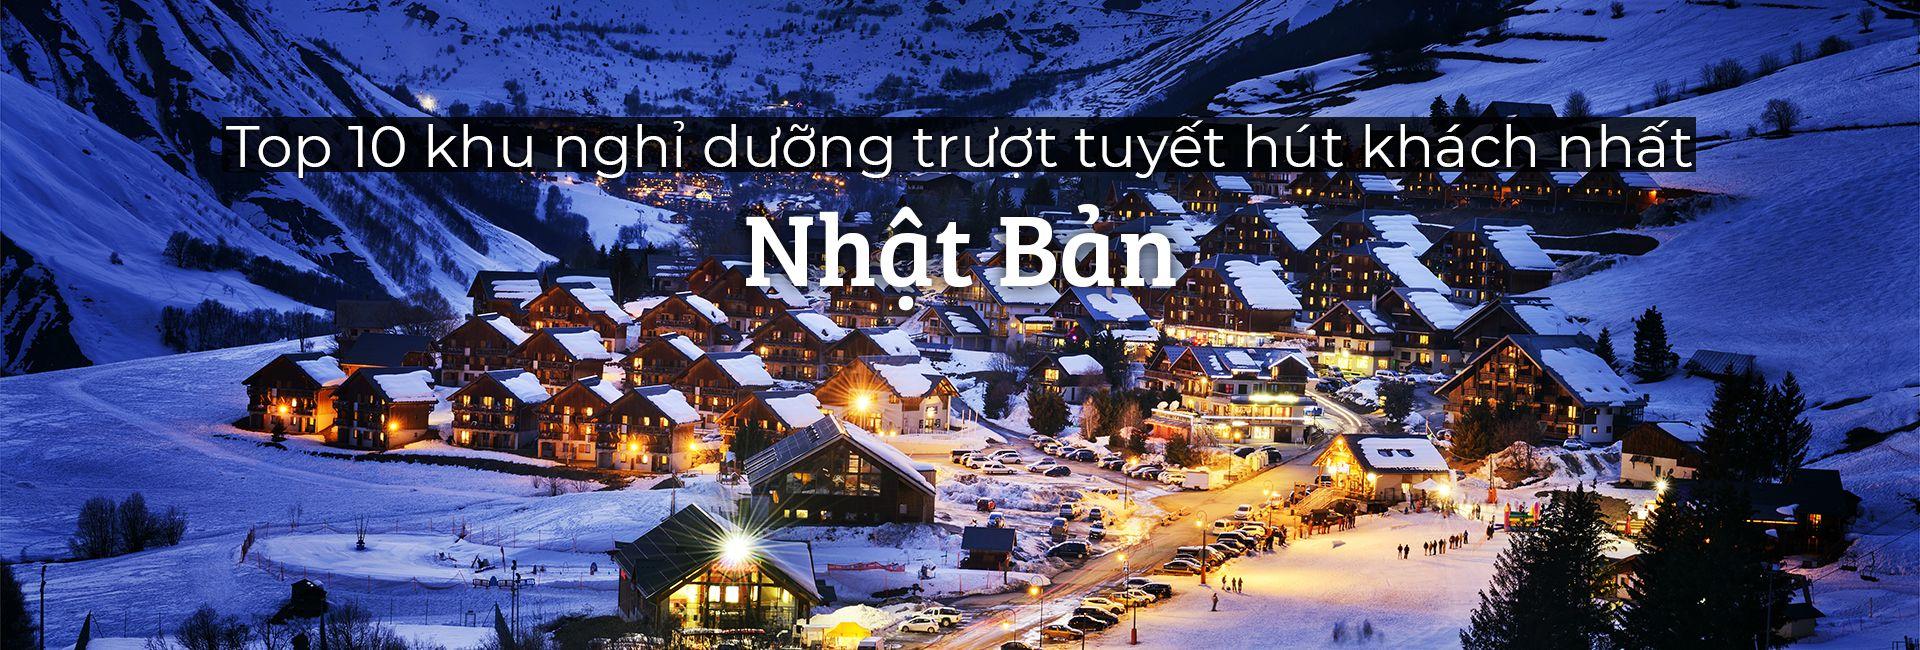 Top 10 khu nghỉ dưỡng trượt tuyết hút khách nhất Nhật Bản